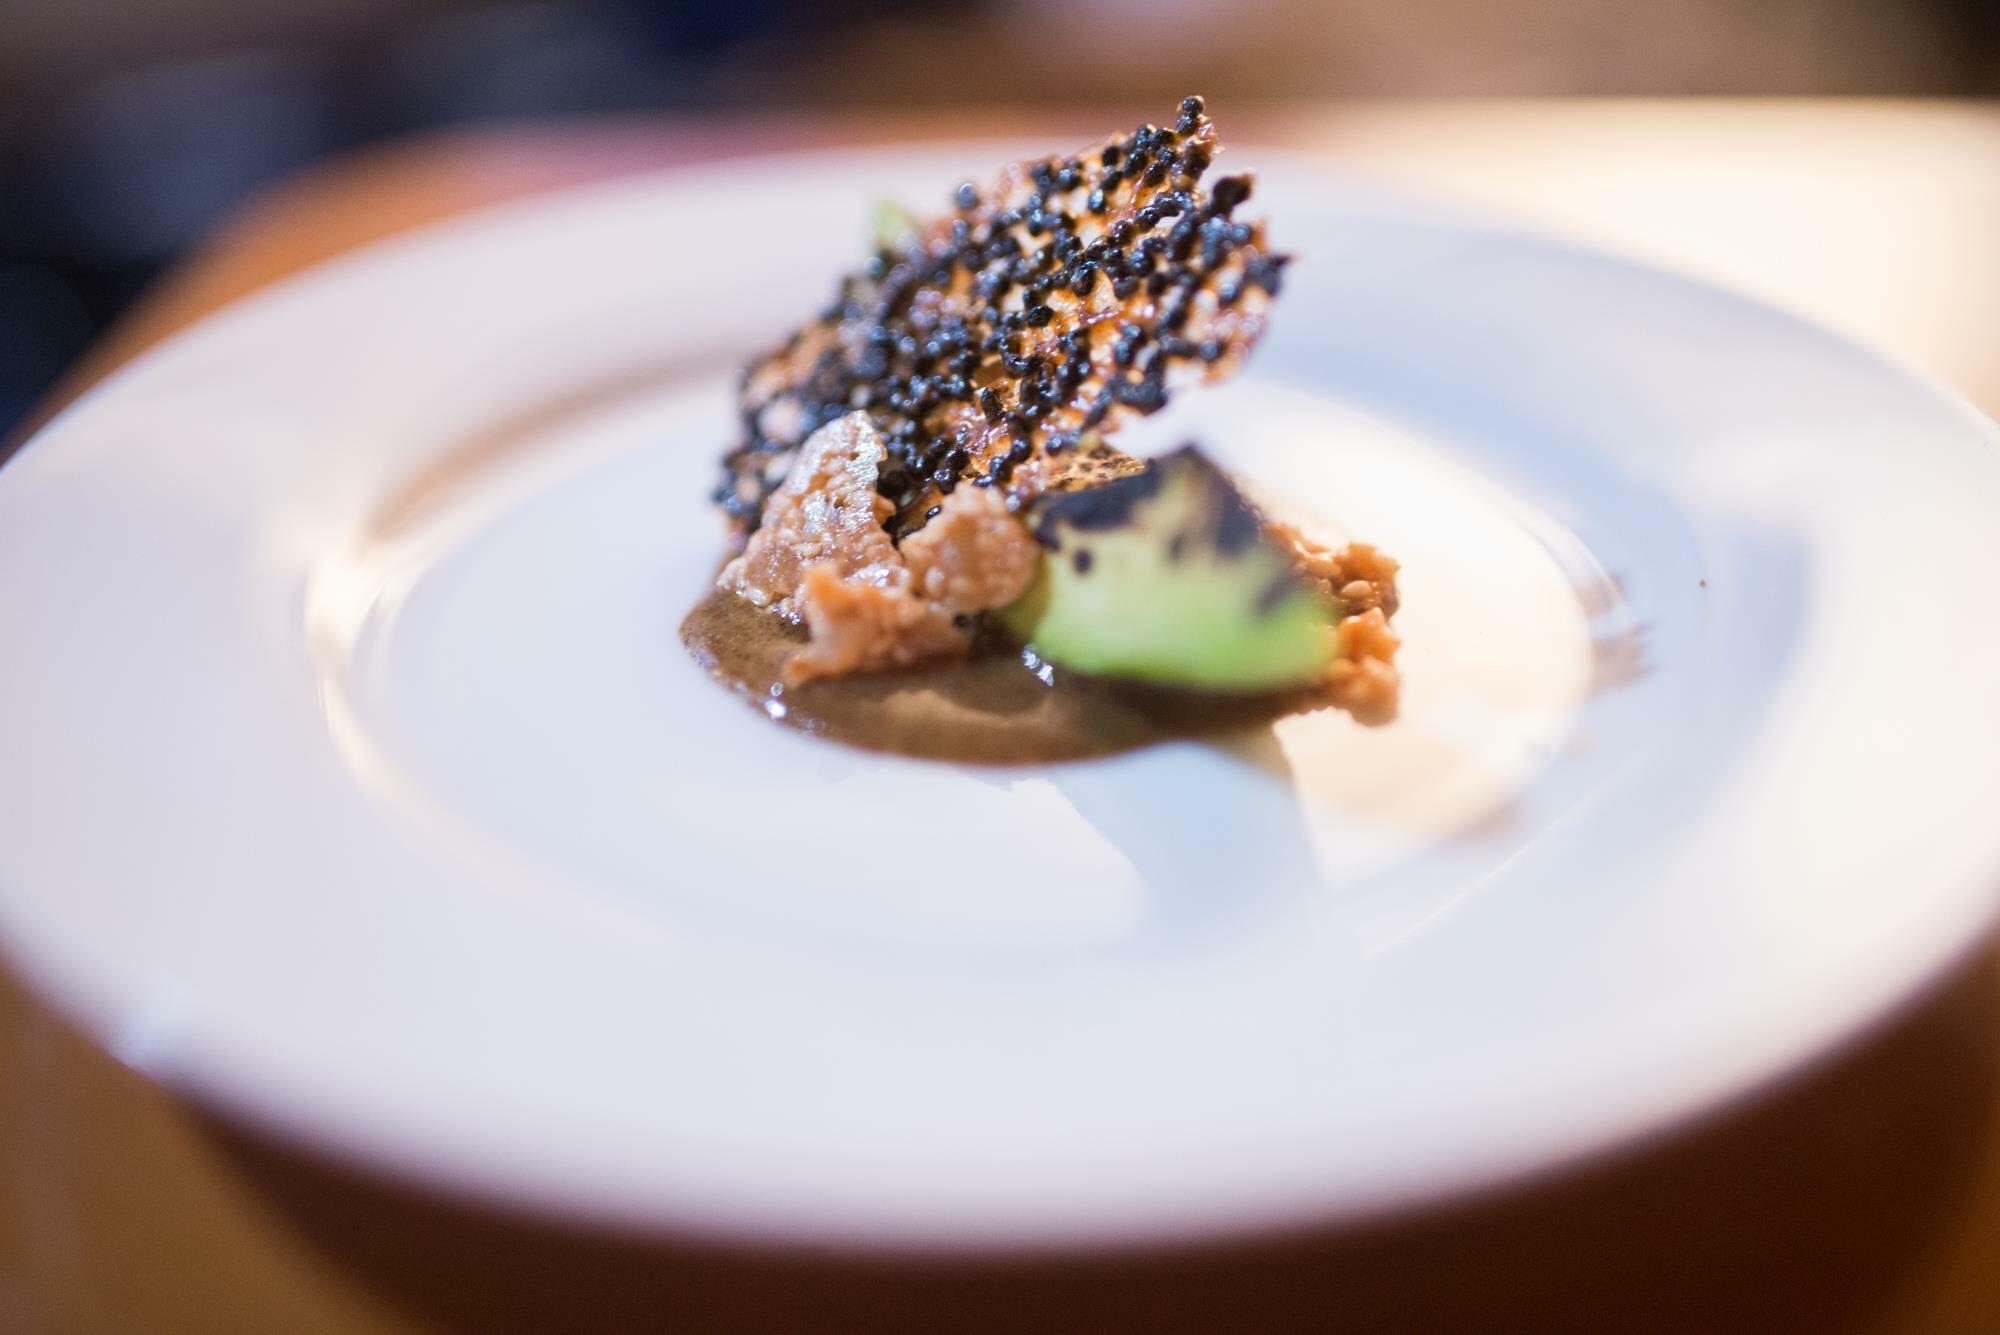 An amuse-bouche from a recent Saint City Supper Club dinner. Photo by Erik Jon Gustafson.